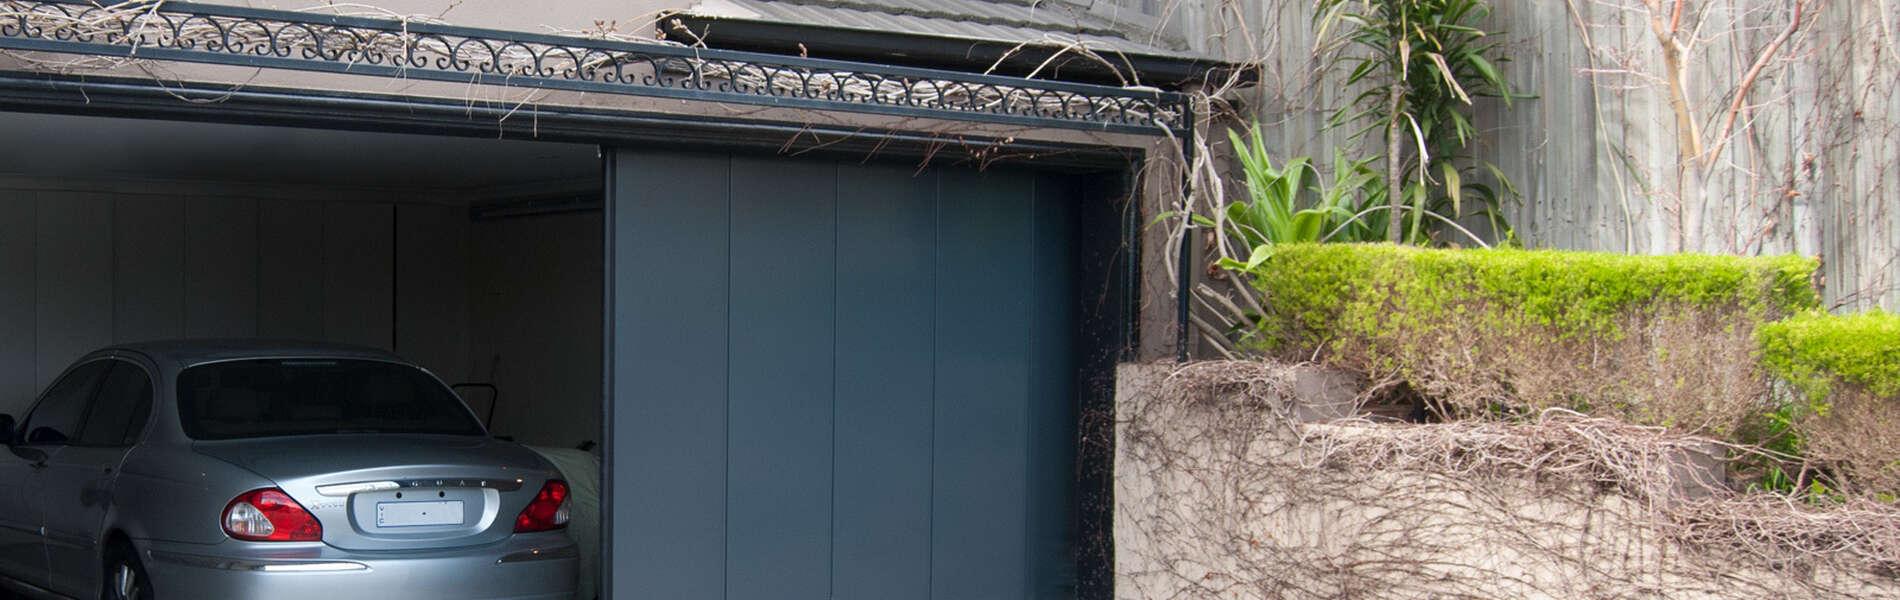 Side Sliding Sectional Garage Doors Quicklift Garage Doors